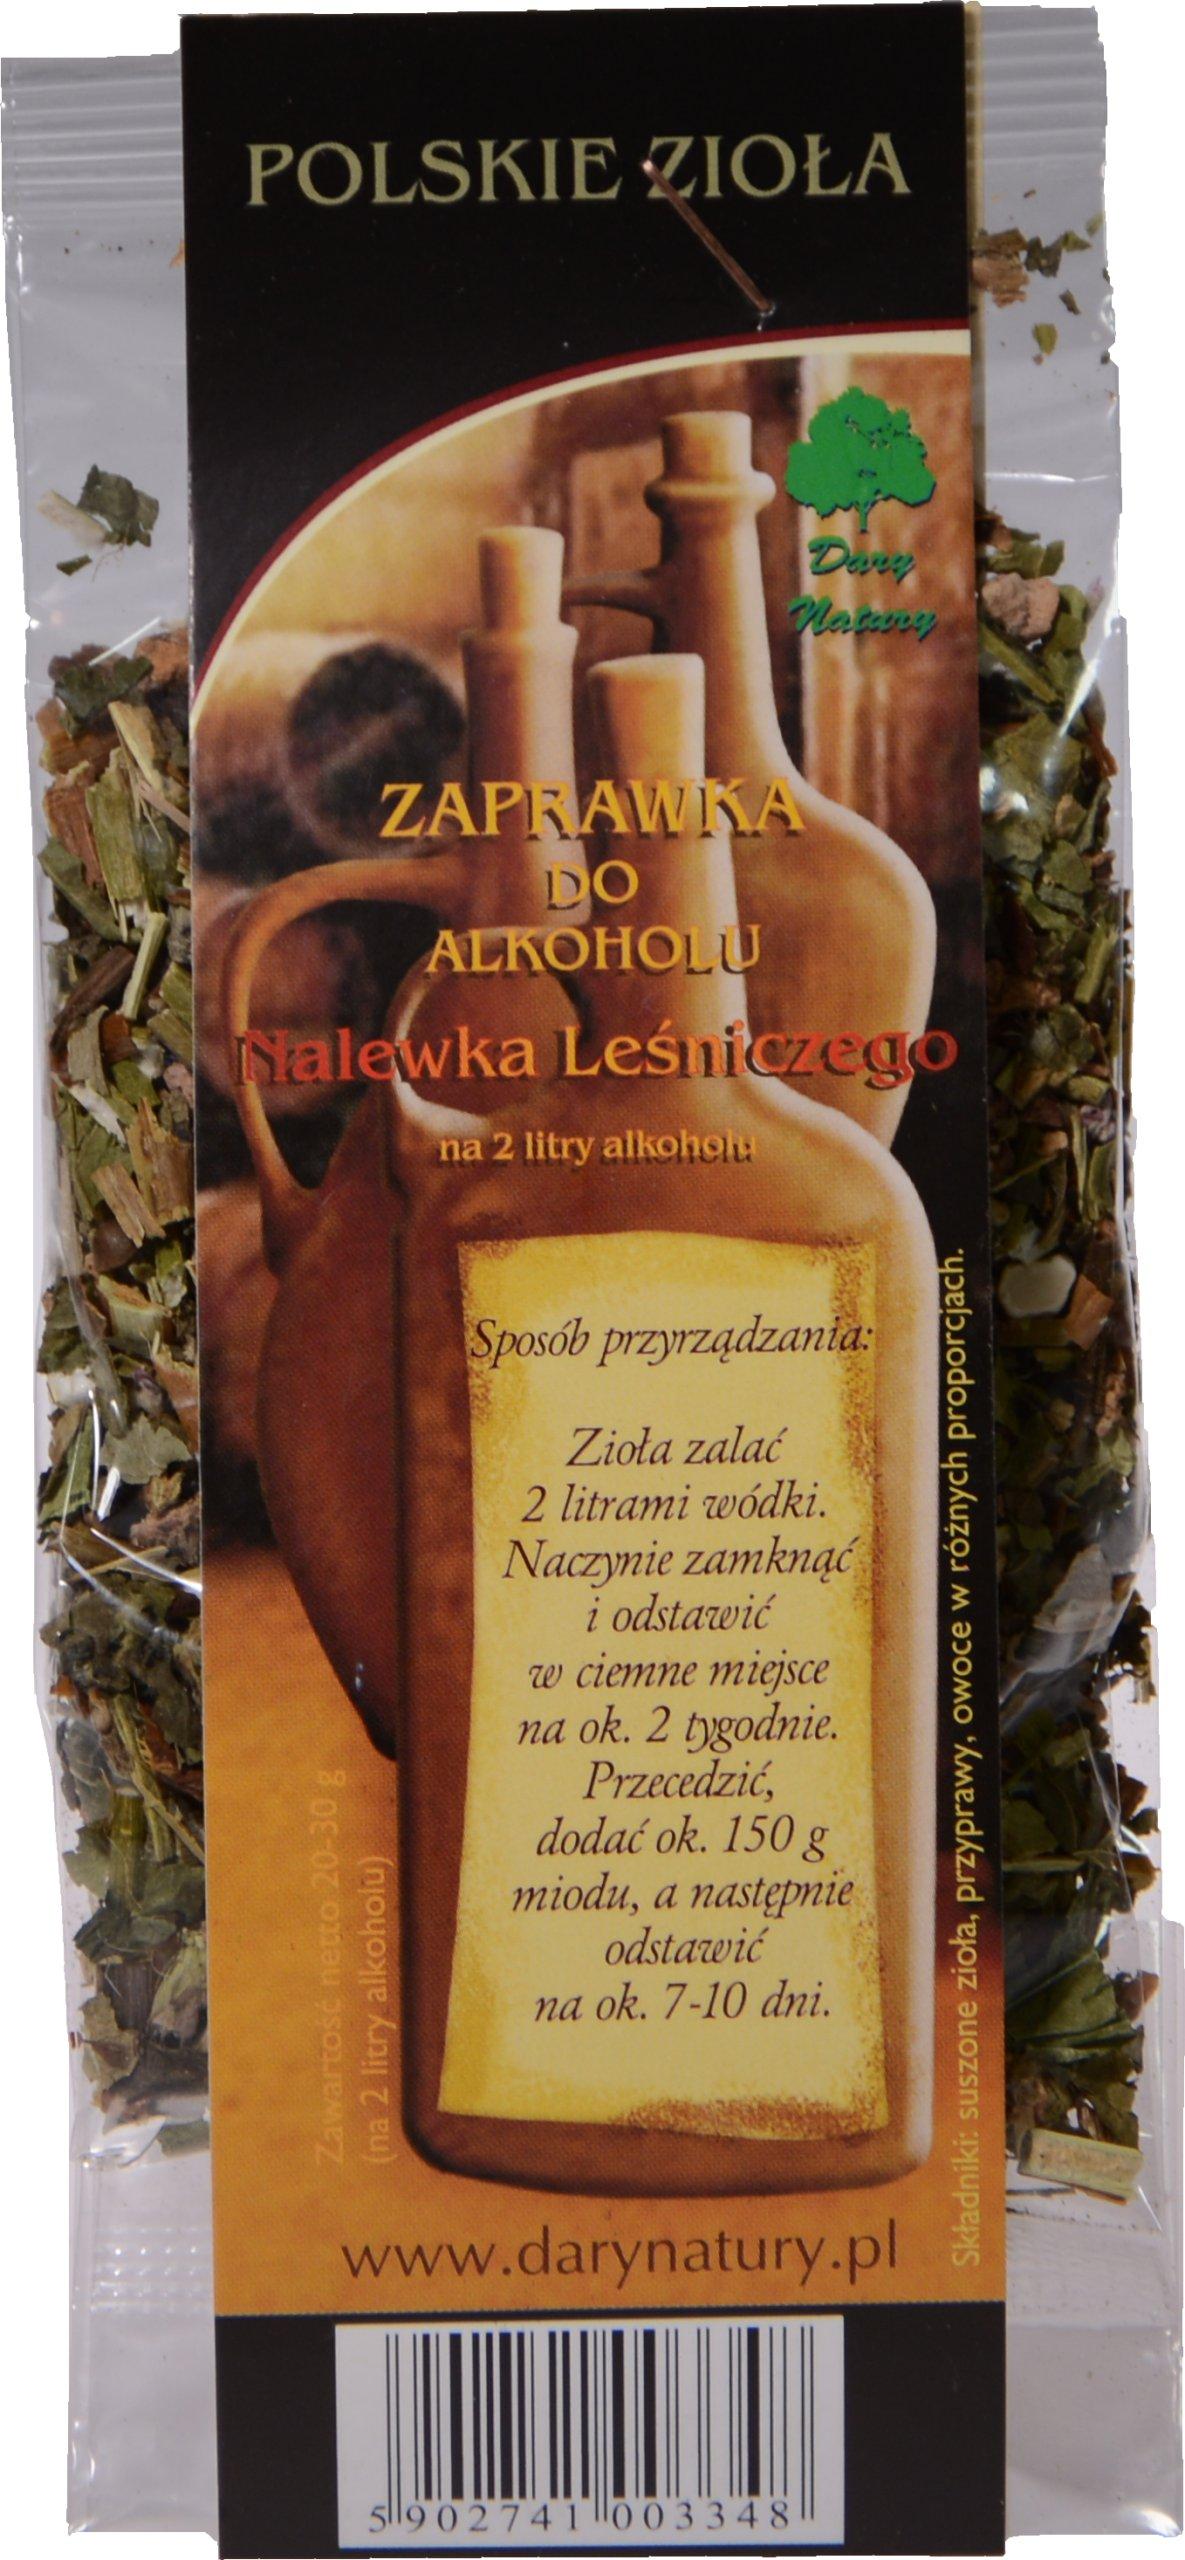 заправка для алкоголя НАСТОЙКА ЛЕСНИКА травы na2l